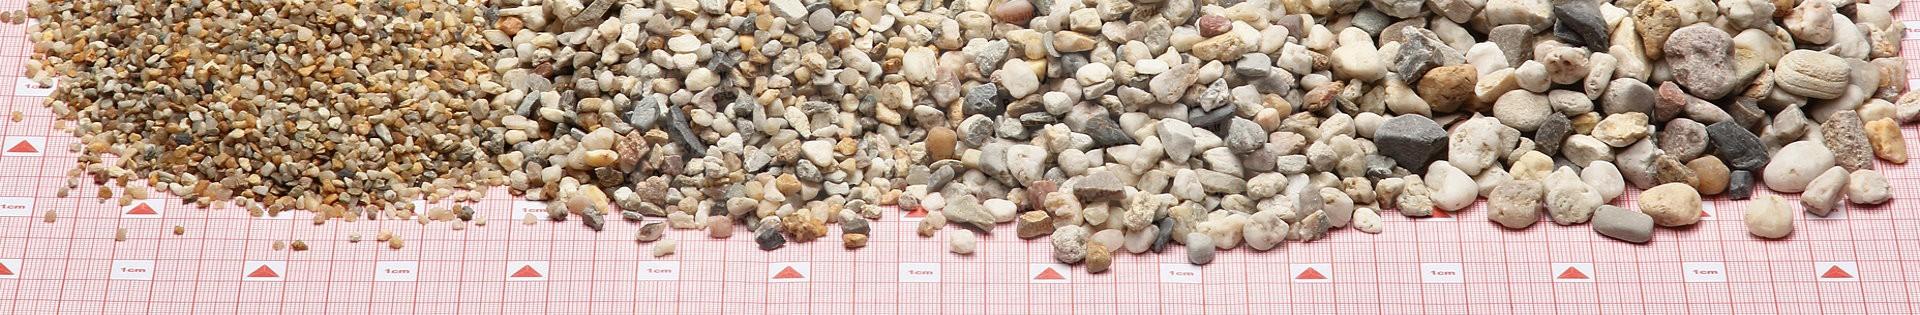 تولید سنگ دانه بندی موزائیک پلیمری سنگ پلیمری